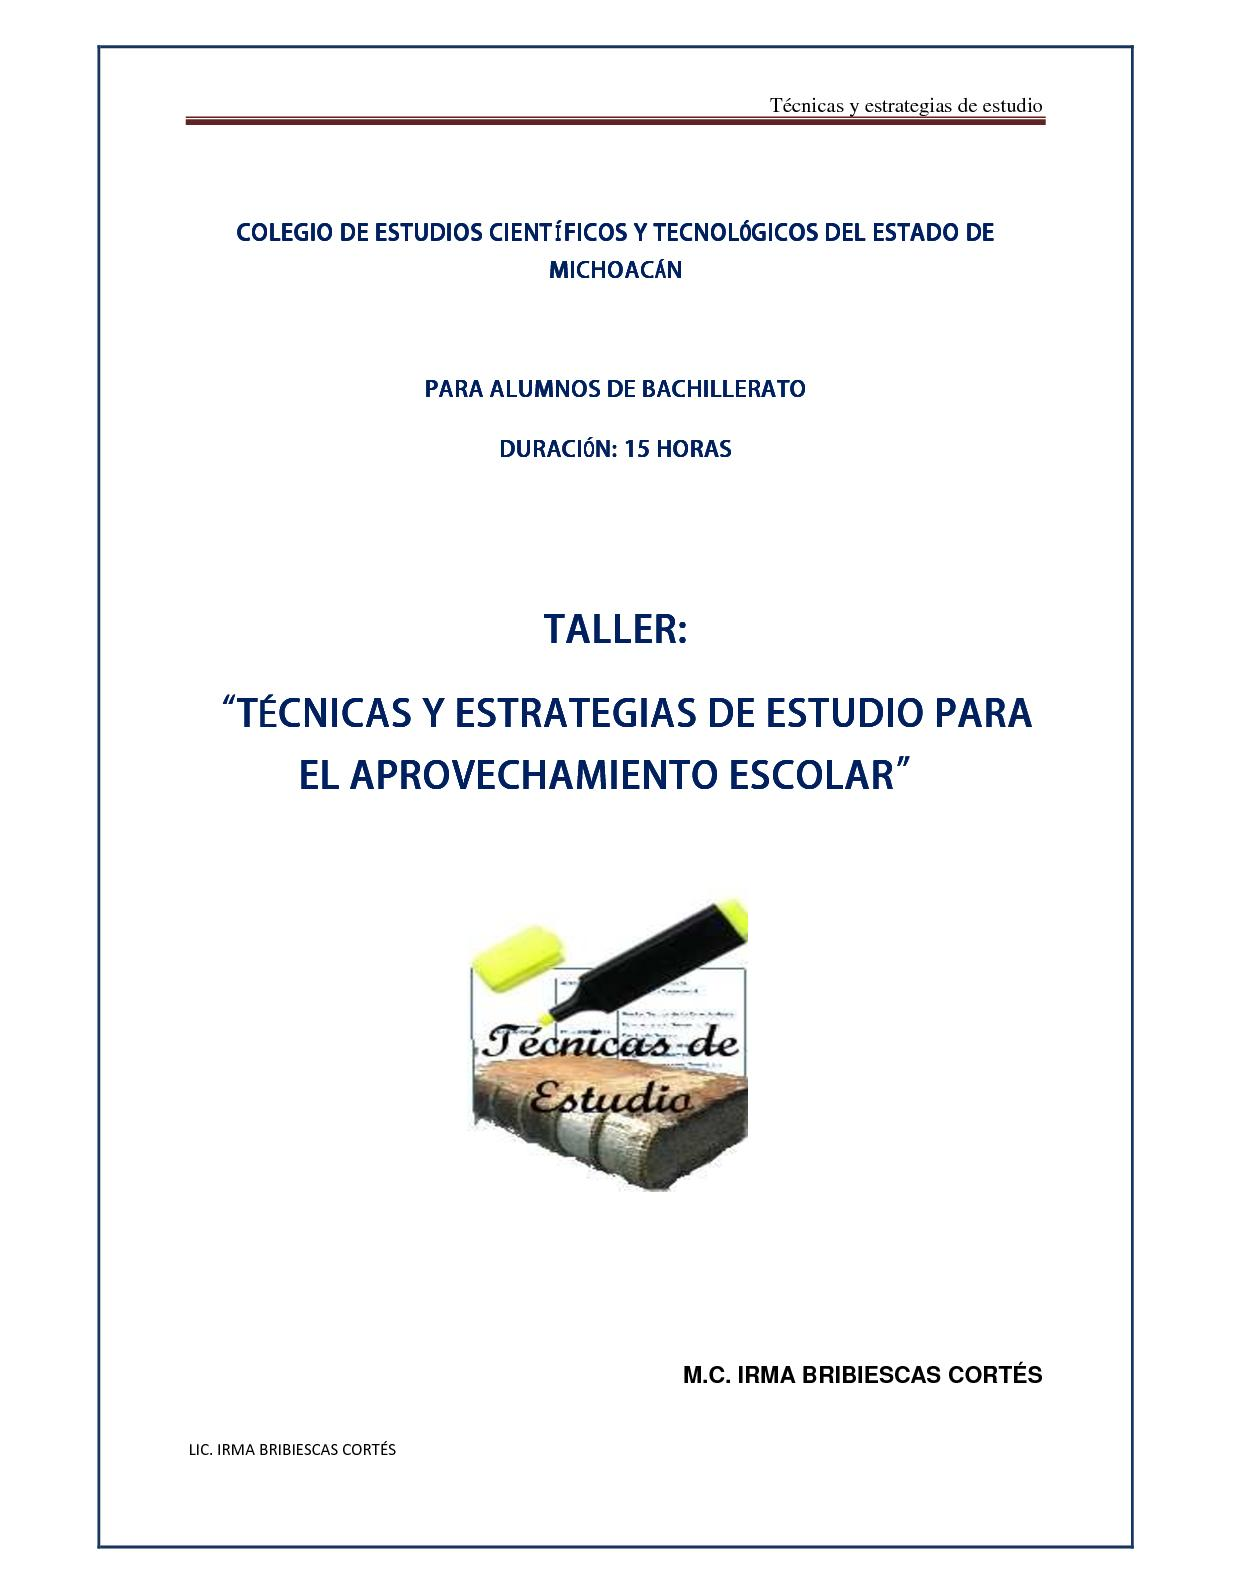 Calaméo - Taller De Tecnicas Y Estrategias De Estudio